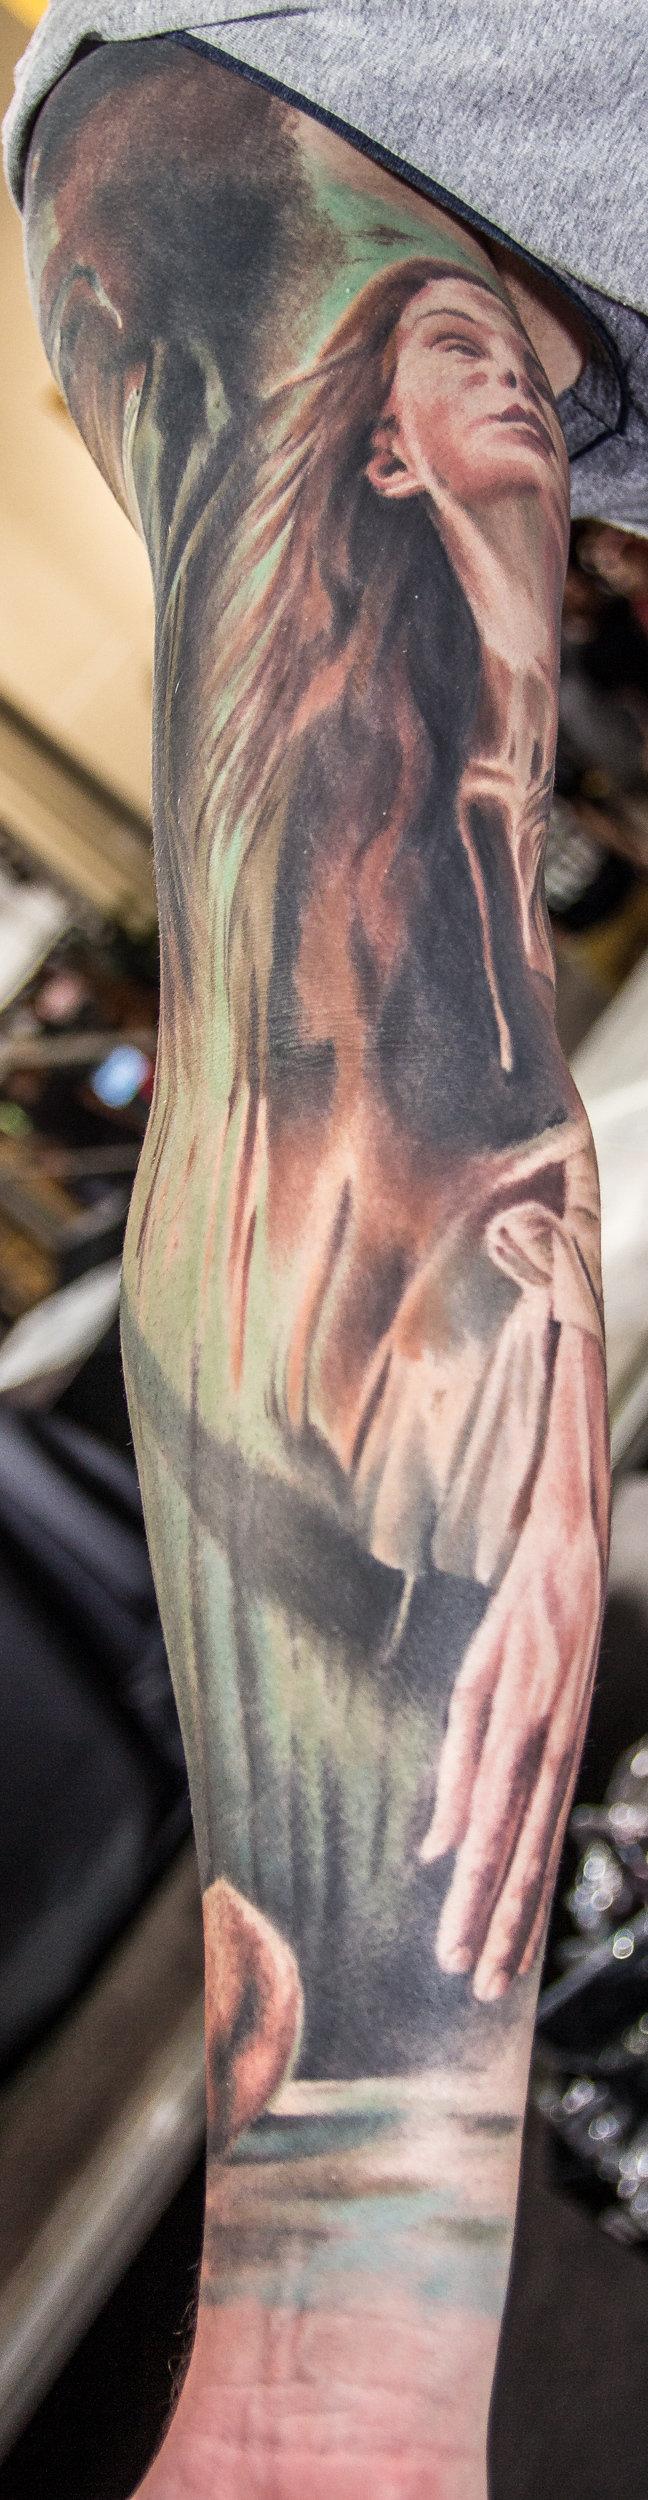 1_miejsce_Najlepszy tatuaż - duży kolorowy(2).jpg